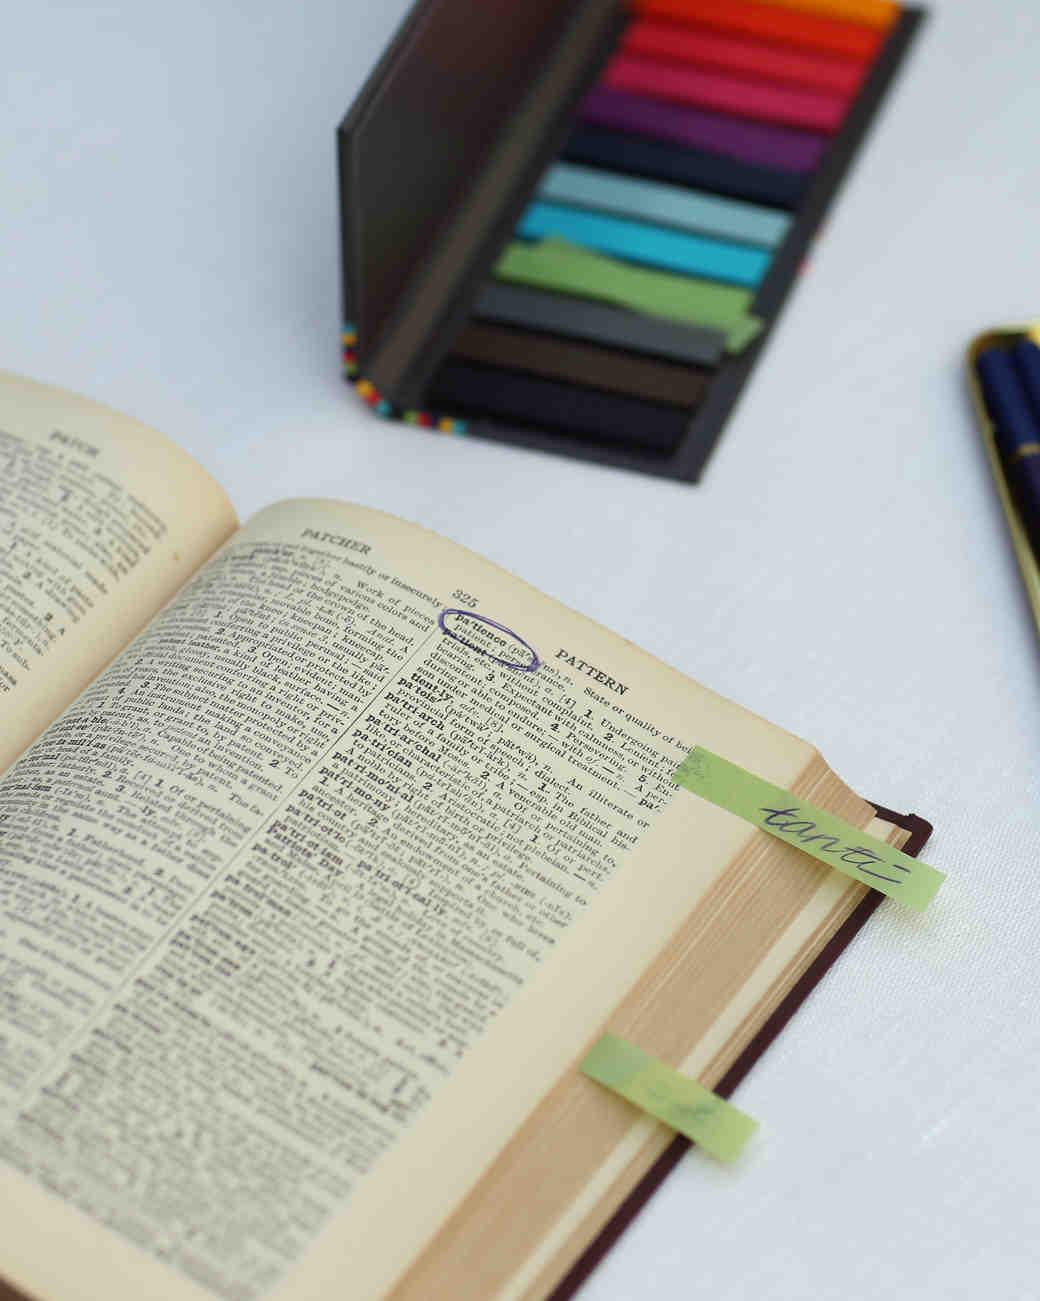 lindsay-andy-wedding-guestbook-4448-s111659-1114_vert.jpg